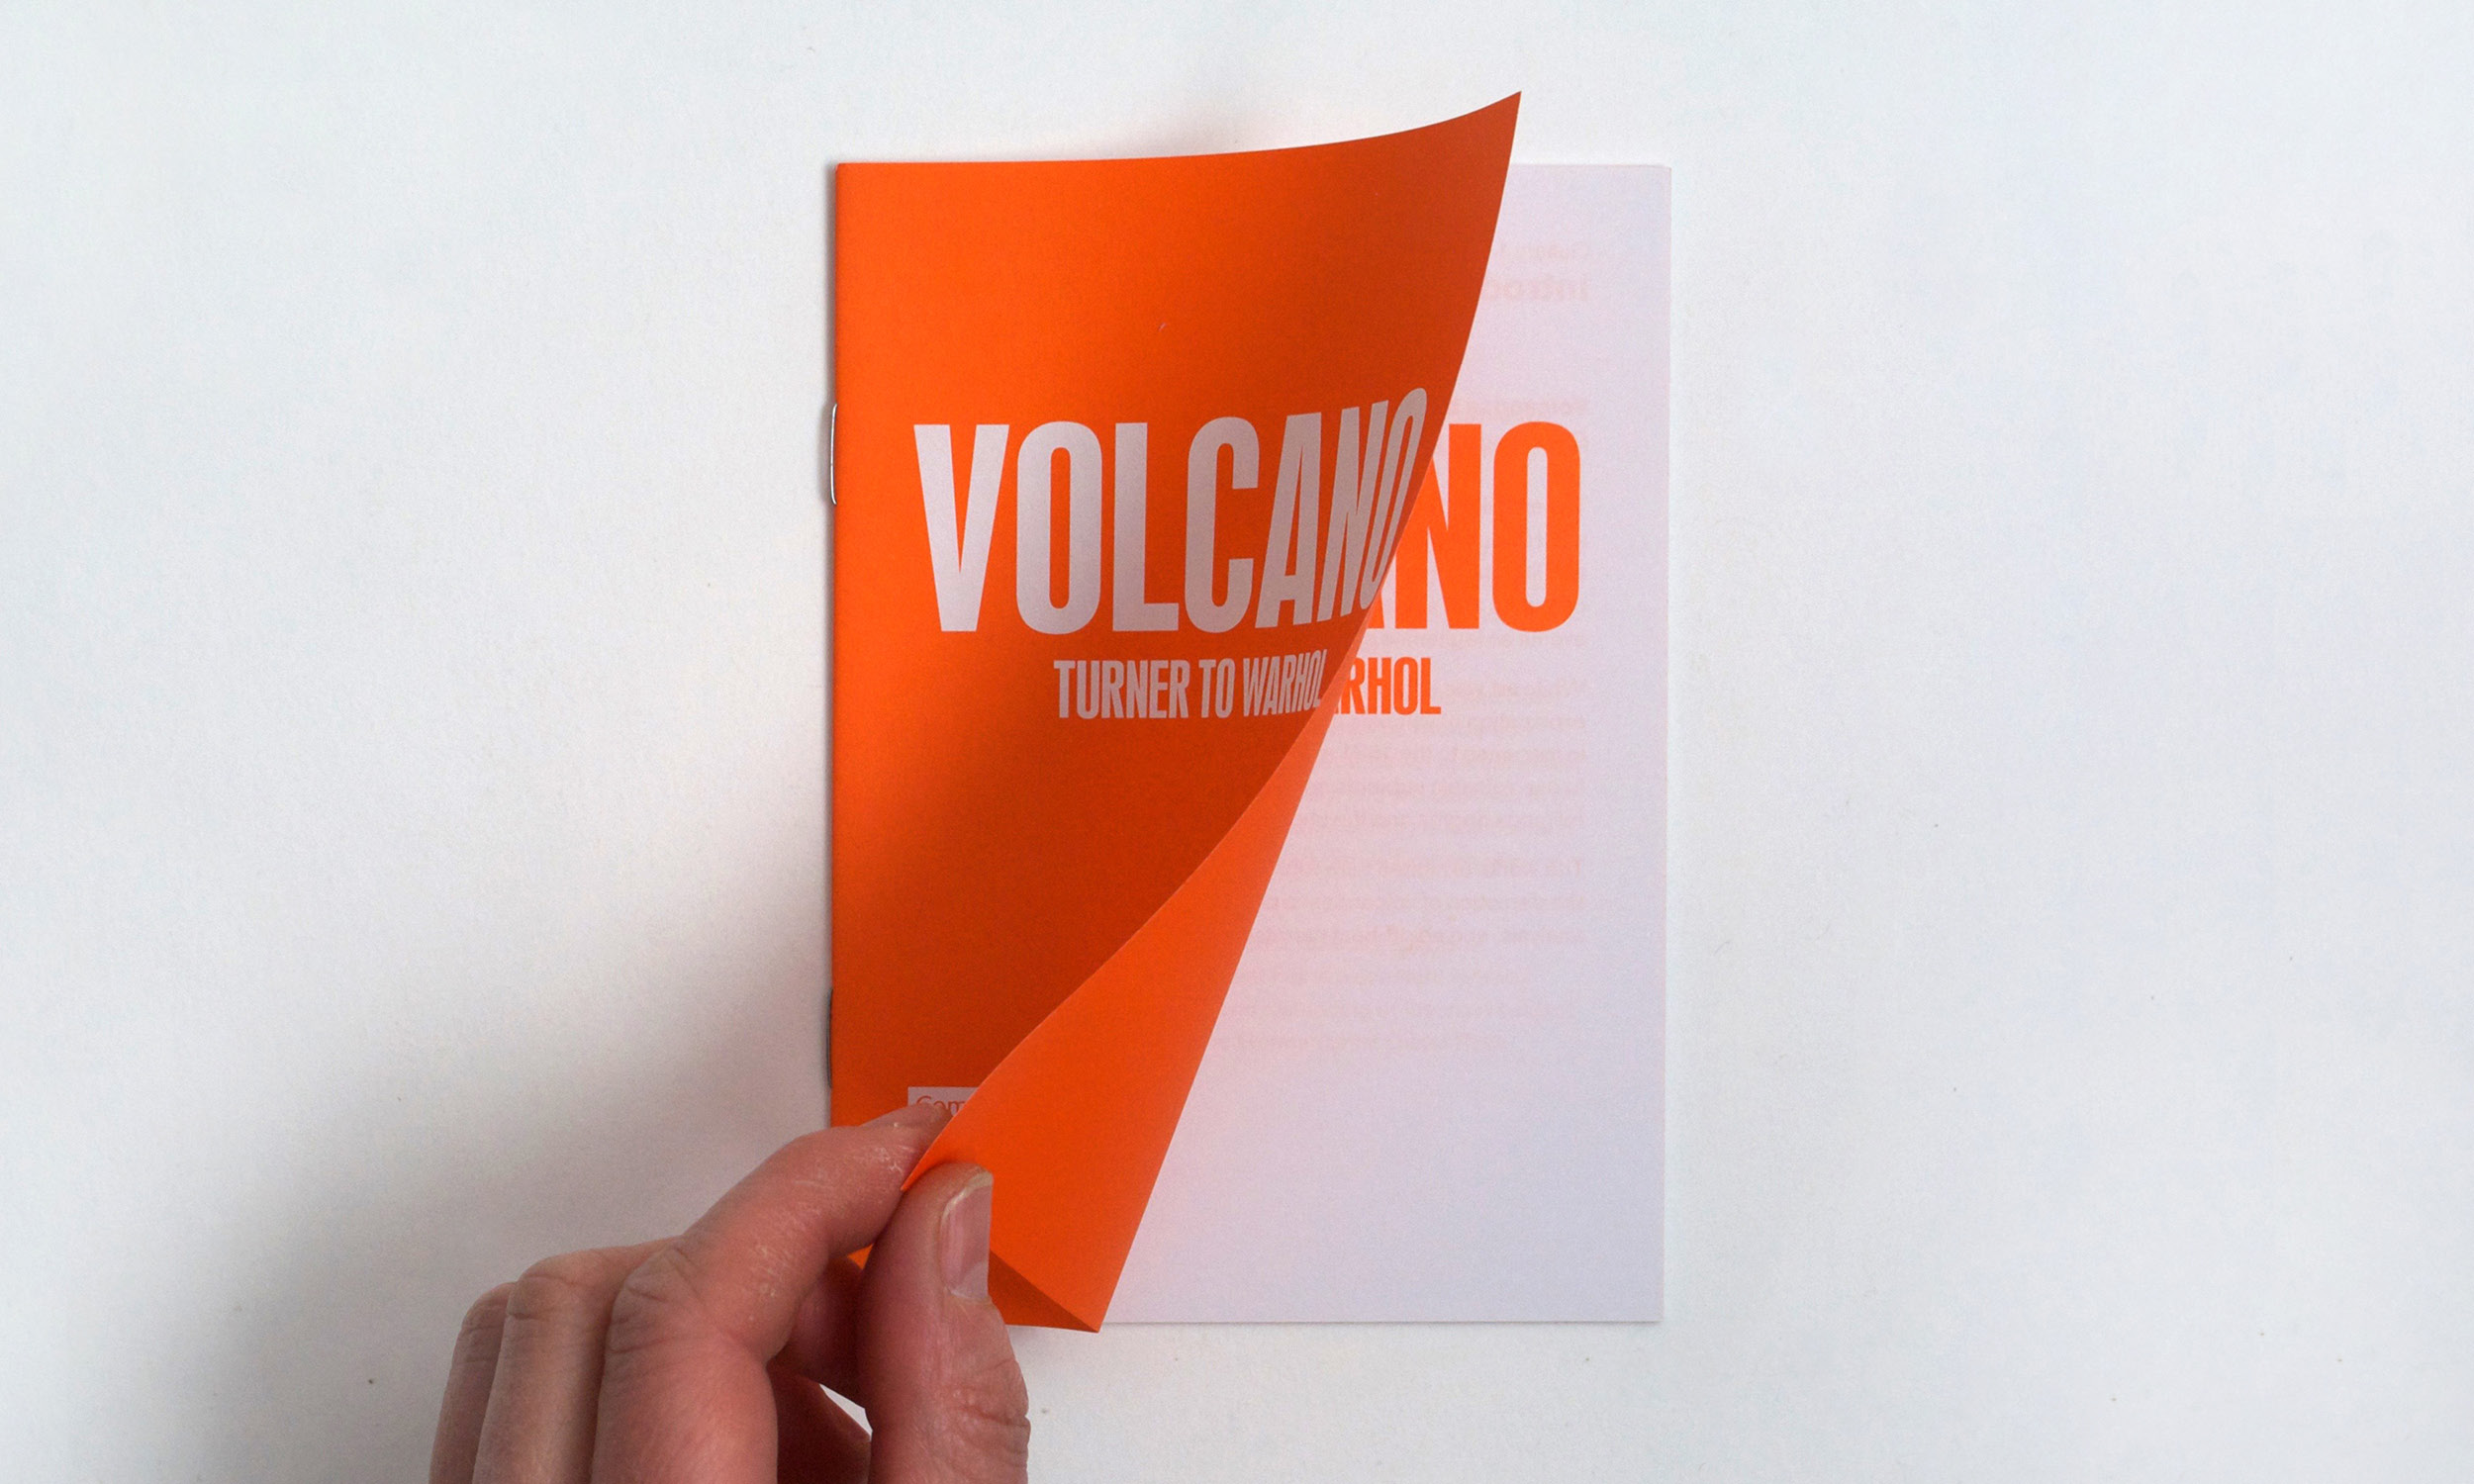 Volcano-guide-LR1.jpg